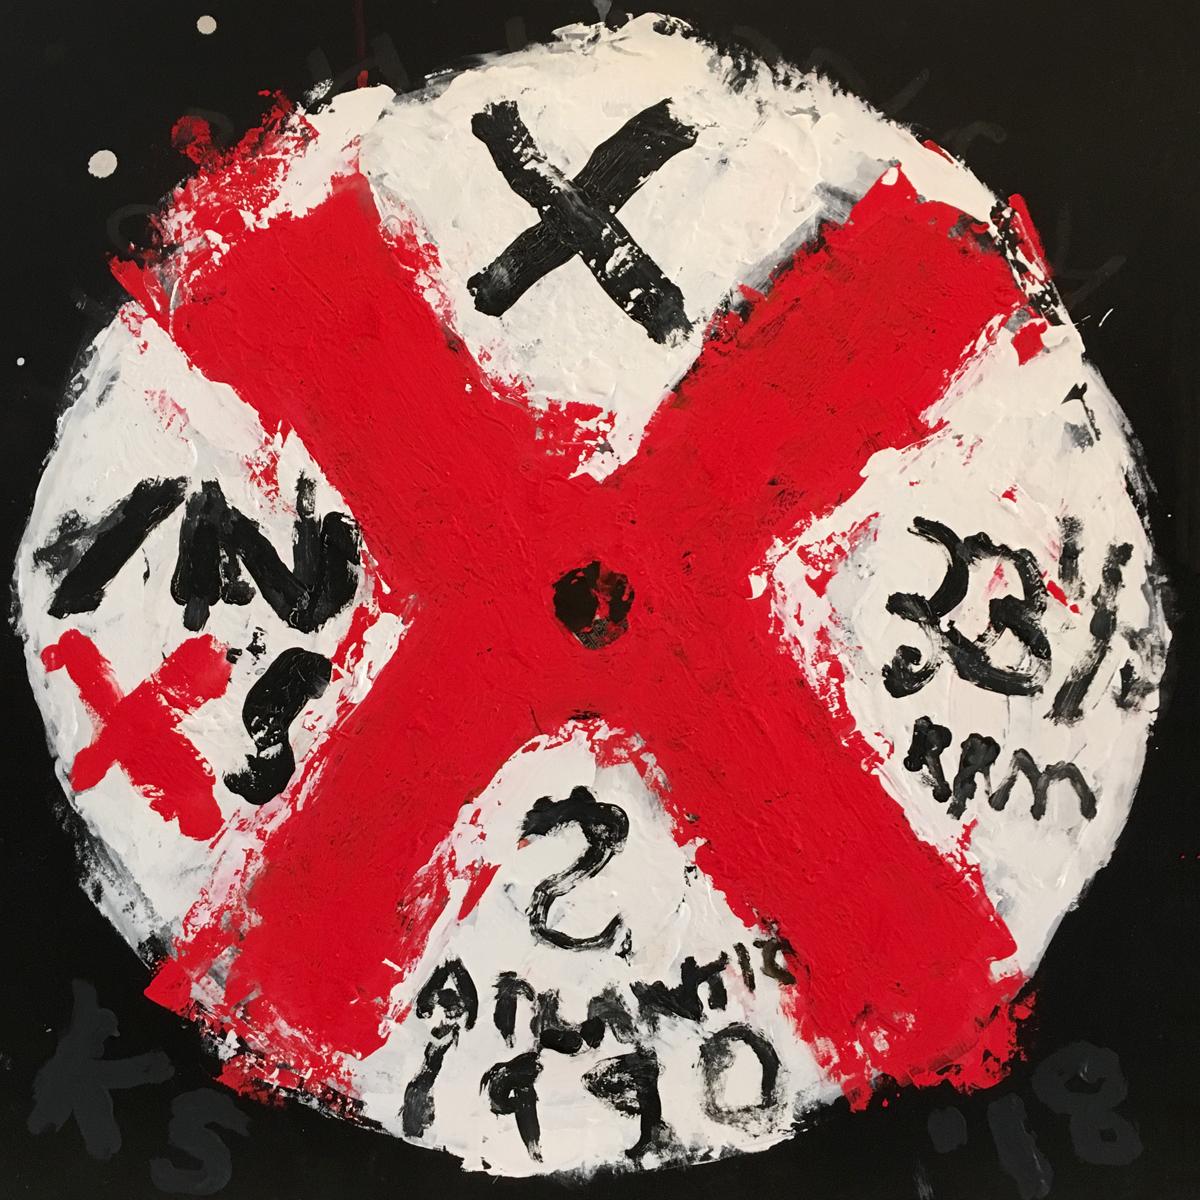 INXS / X